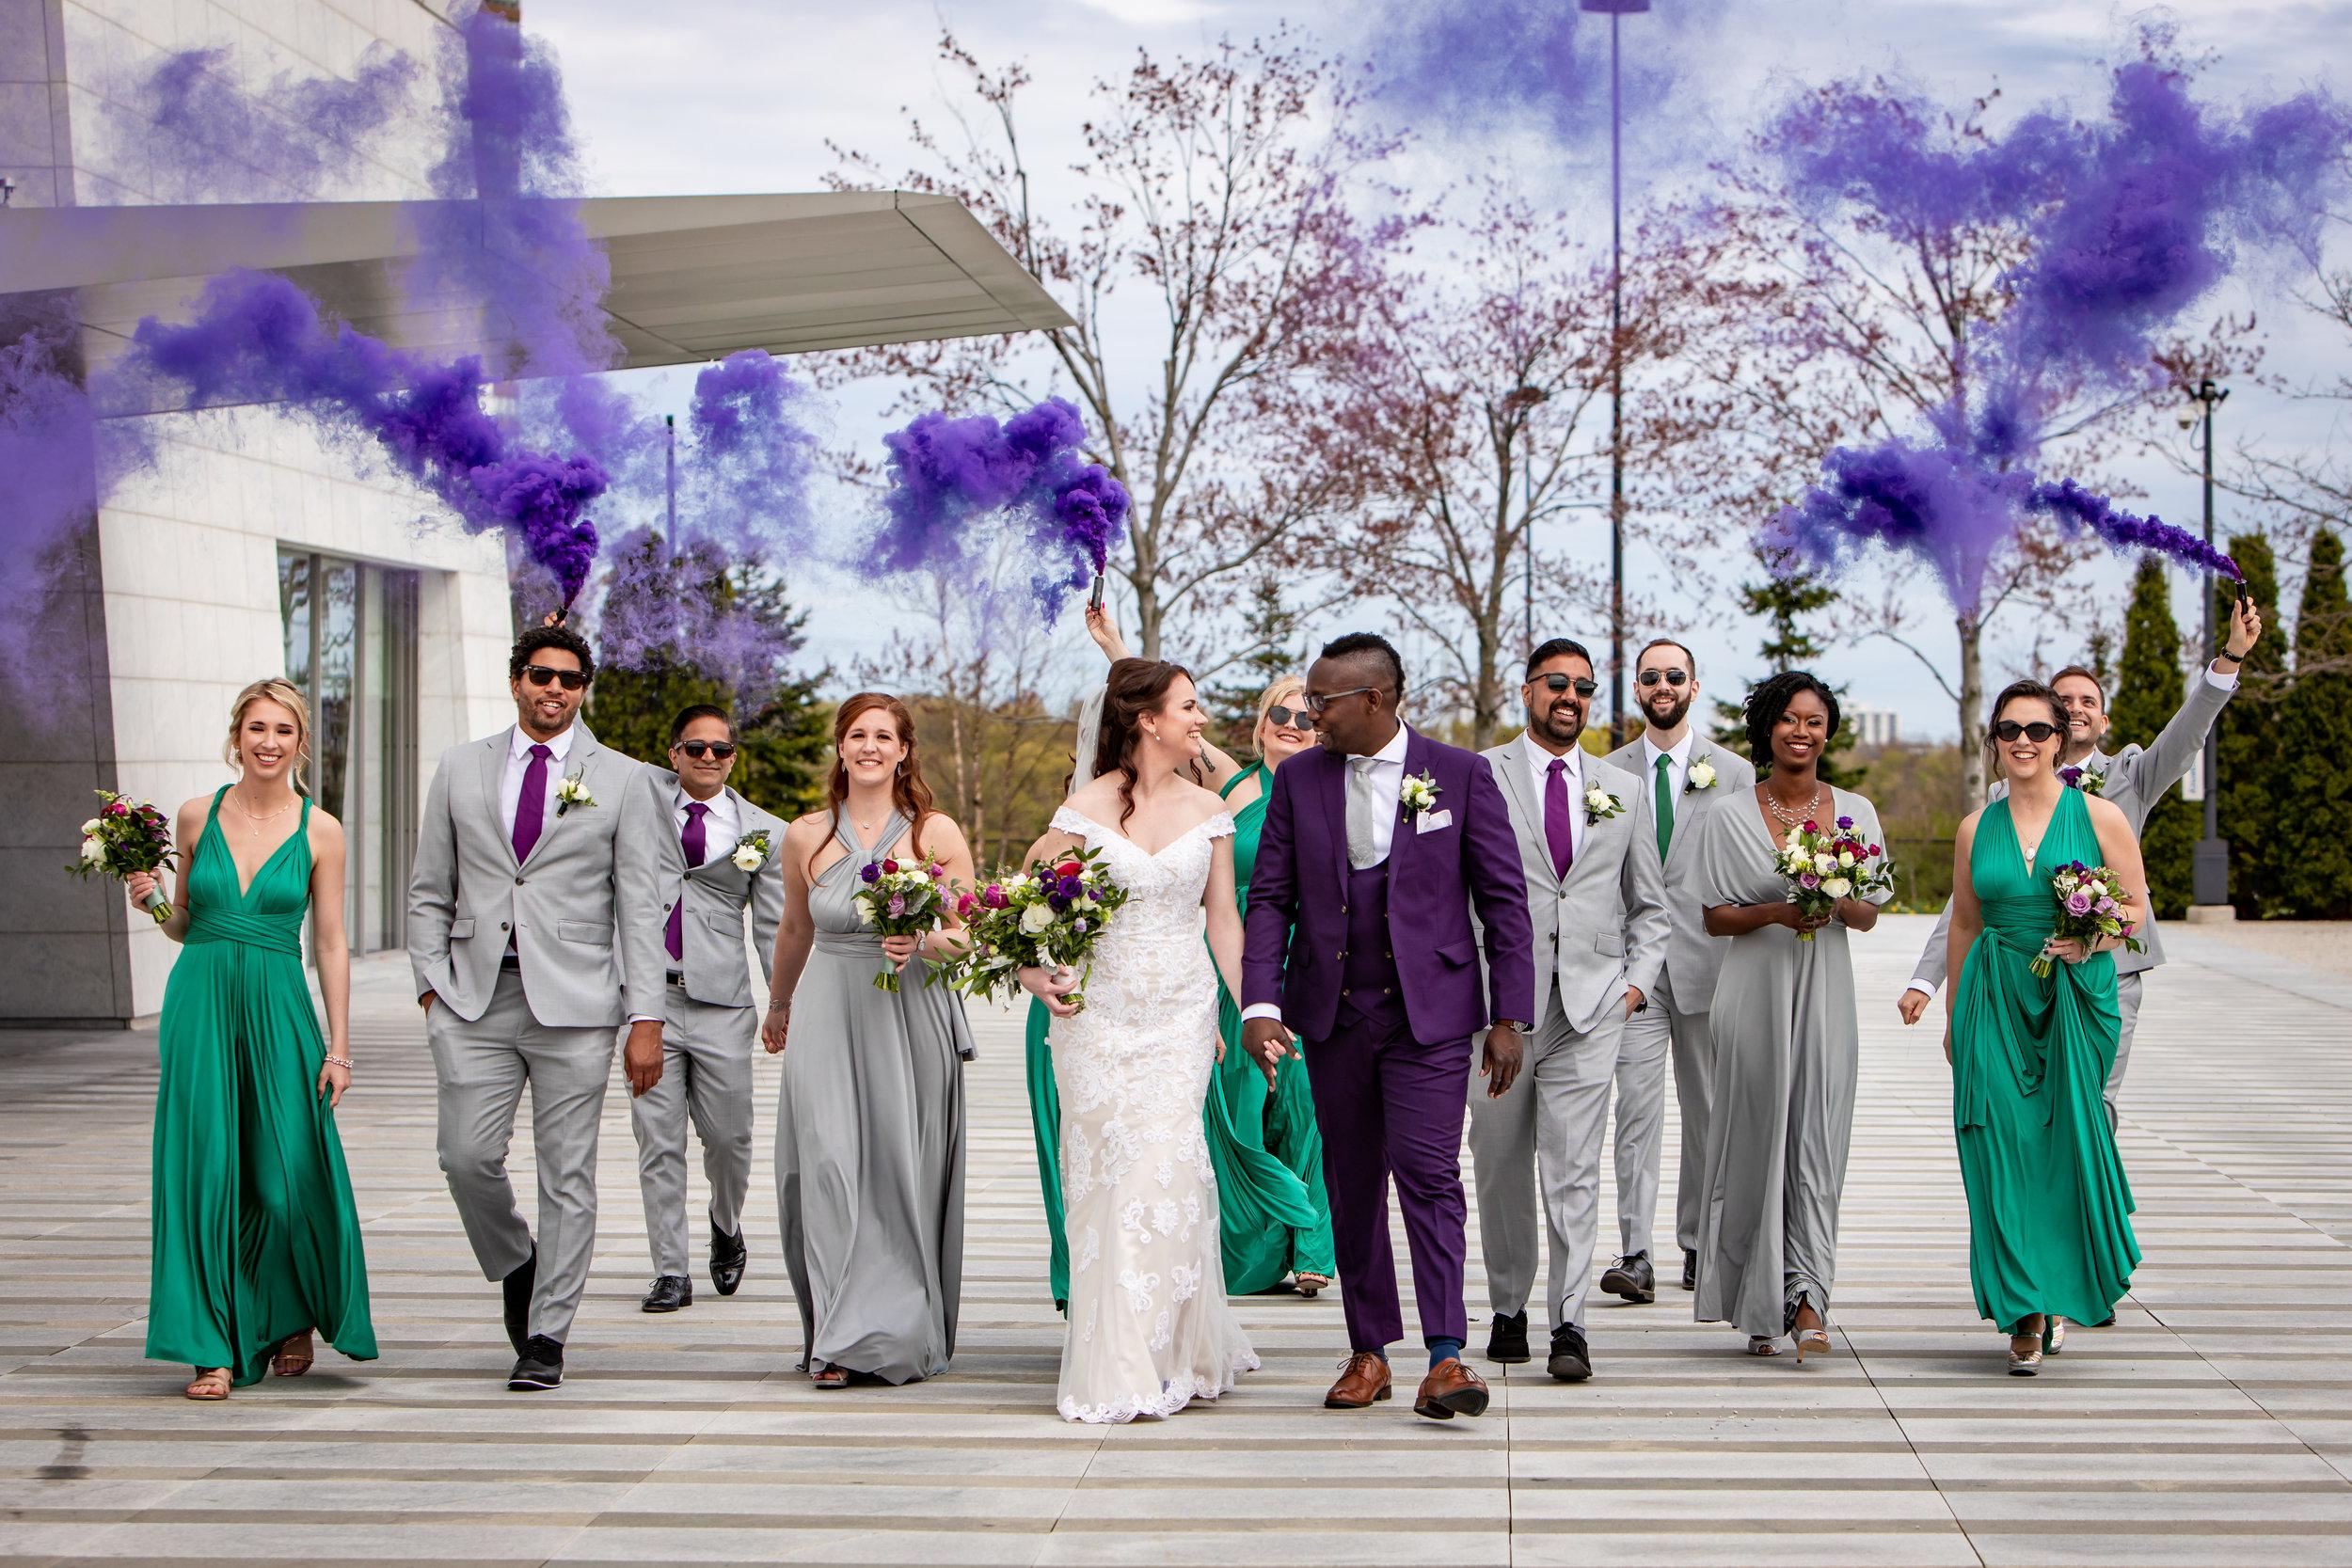 YMG-wedding-photos-34.jpg